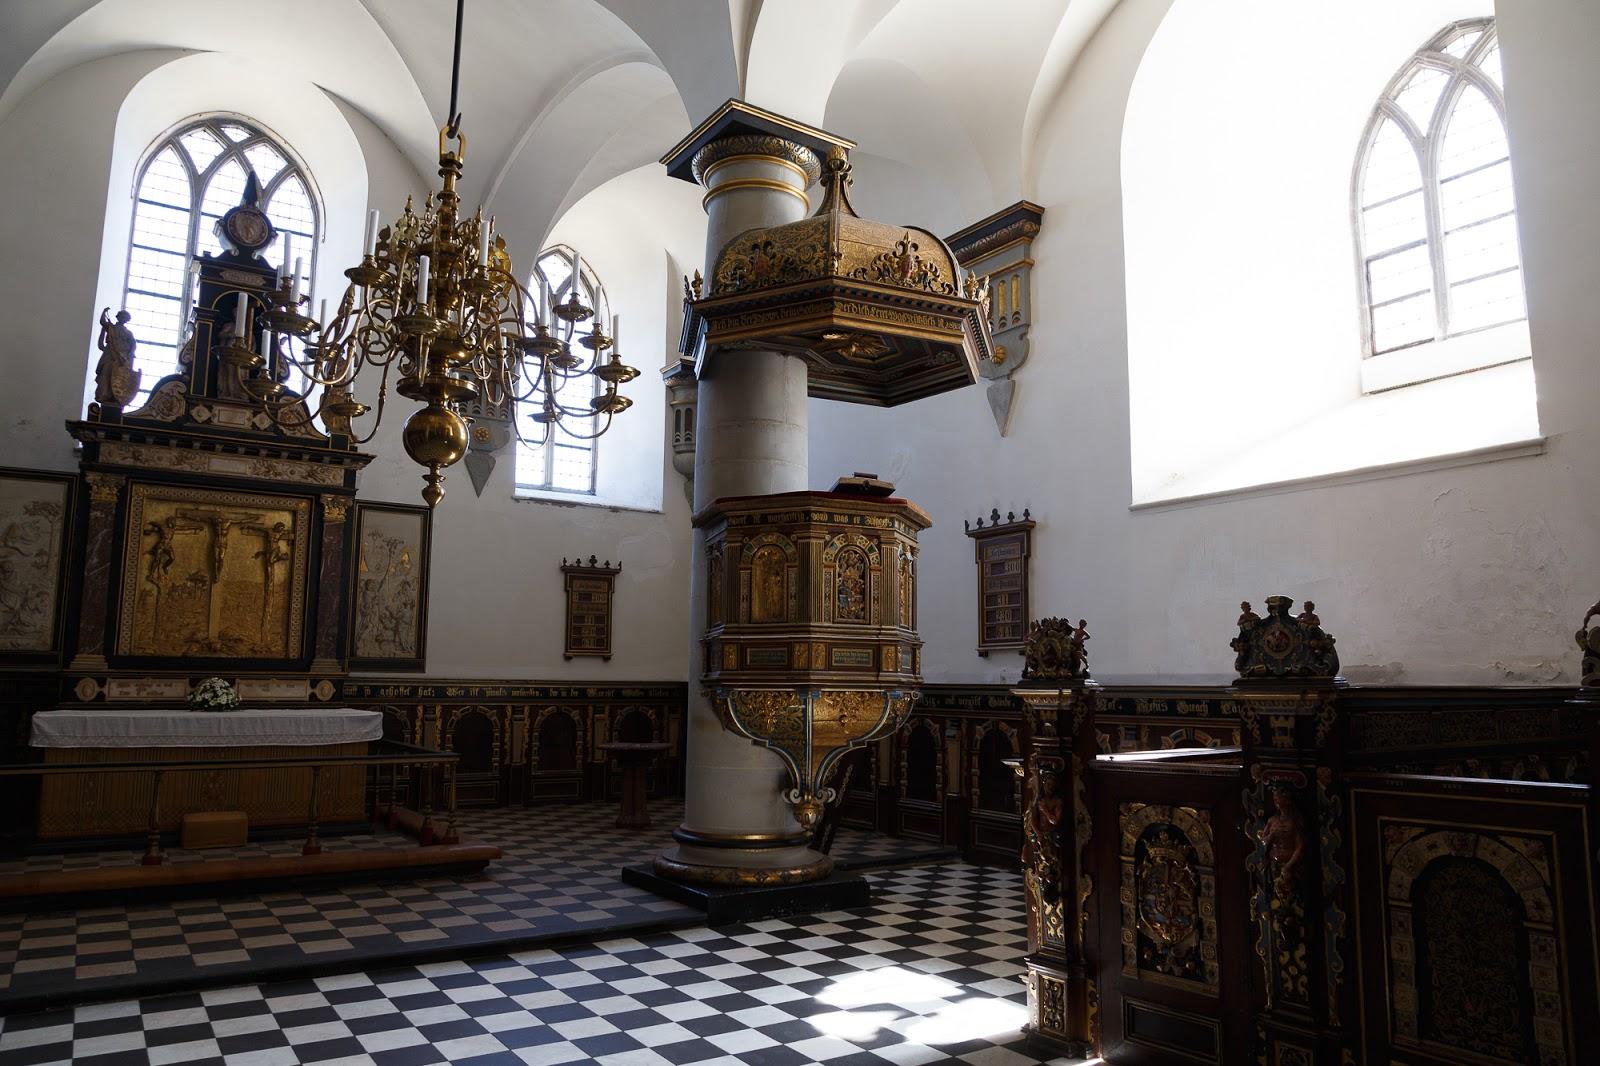 クロンボー城の礼拝堂高画質画像です。